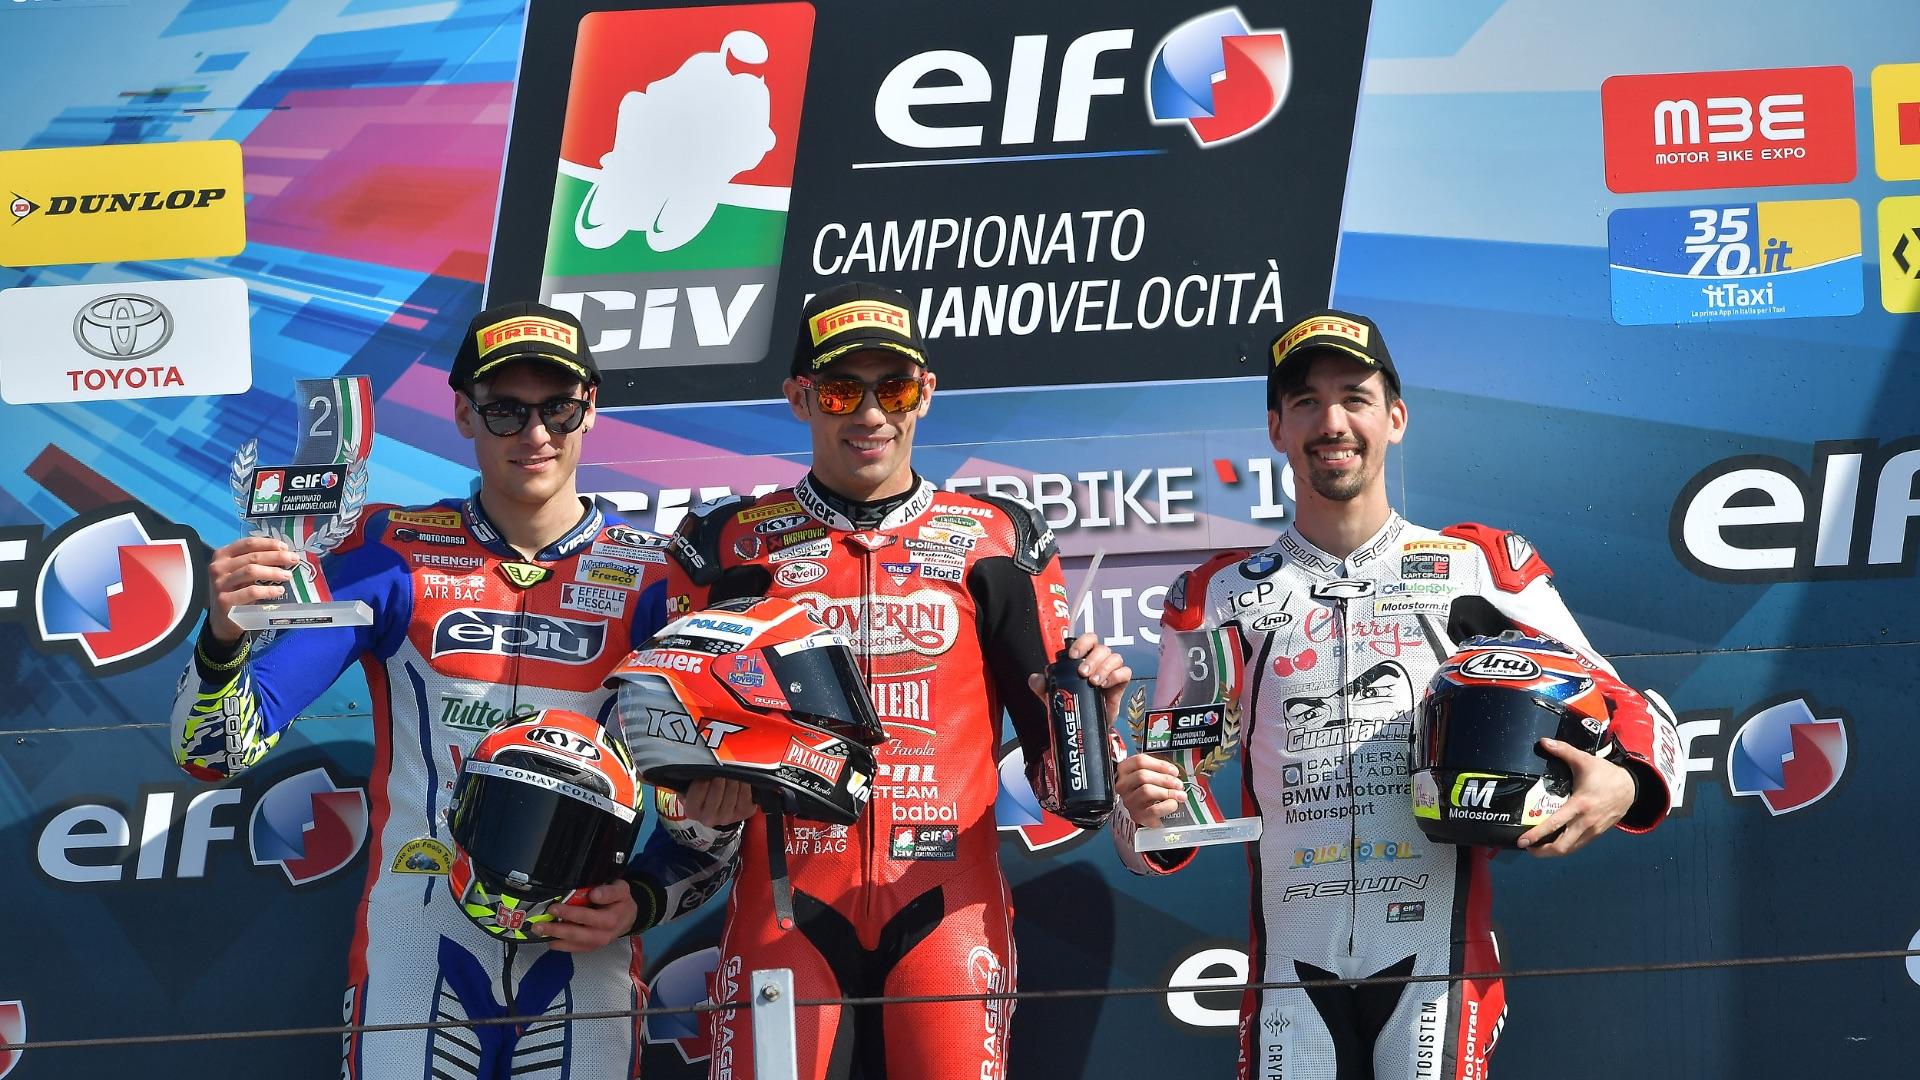 Primo round dell'ELF CIV 2019 a Misano: doppiette per Zannoni e Pirro.